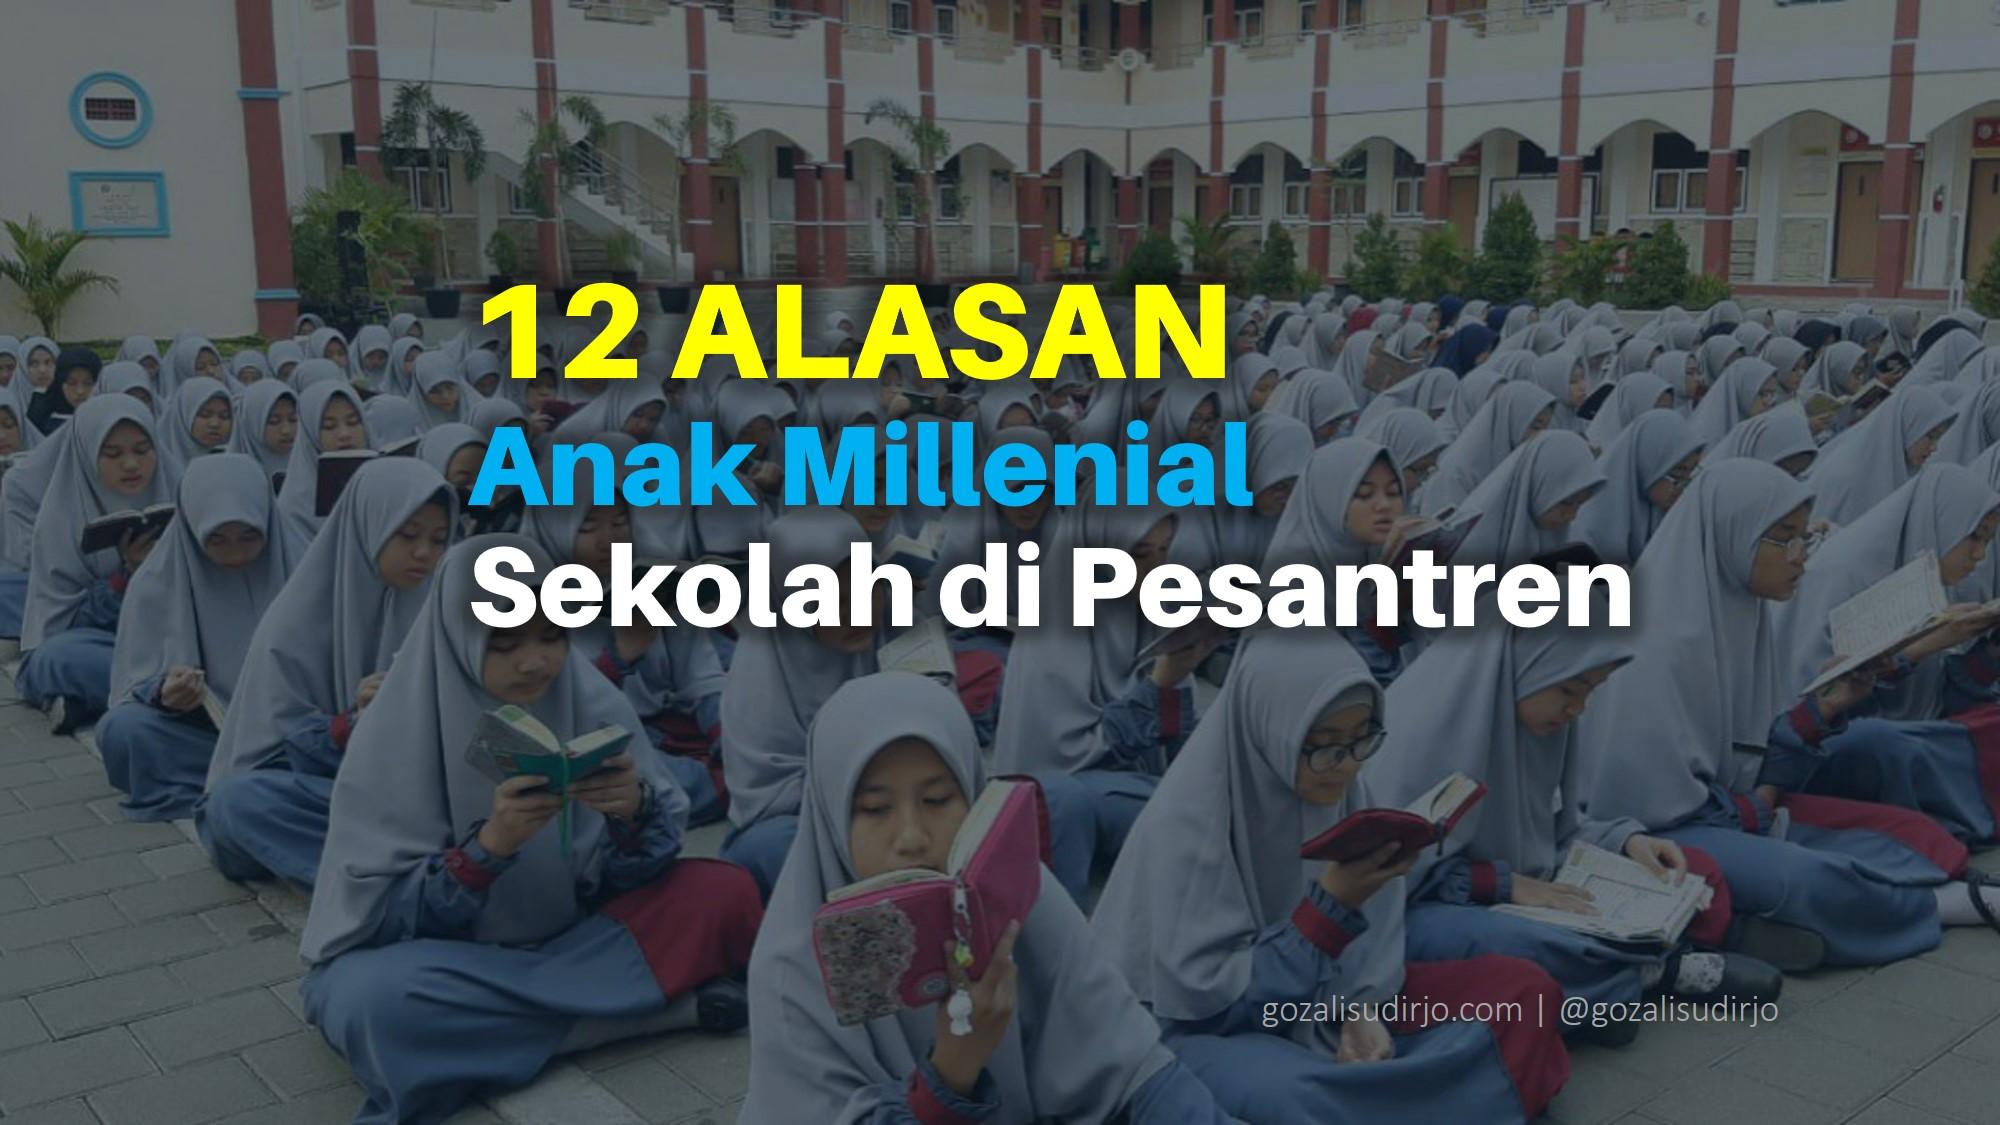 12 Alasan Anak Millenial Harus Sekolah di Pesantren (Part. 1)